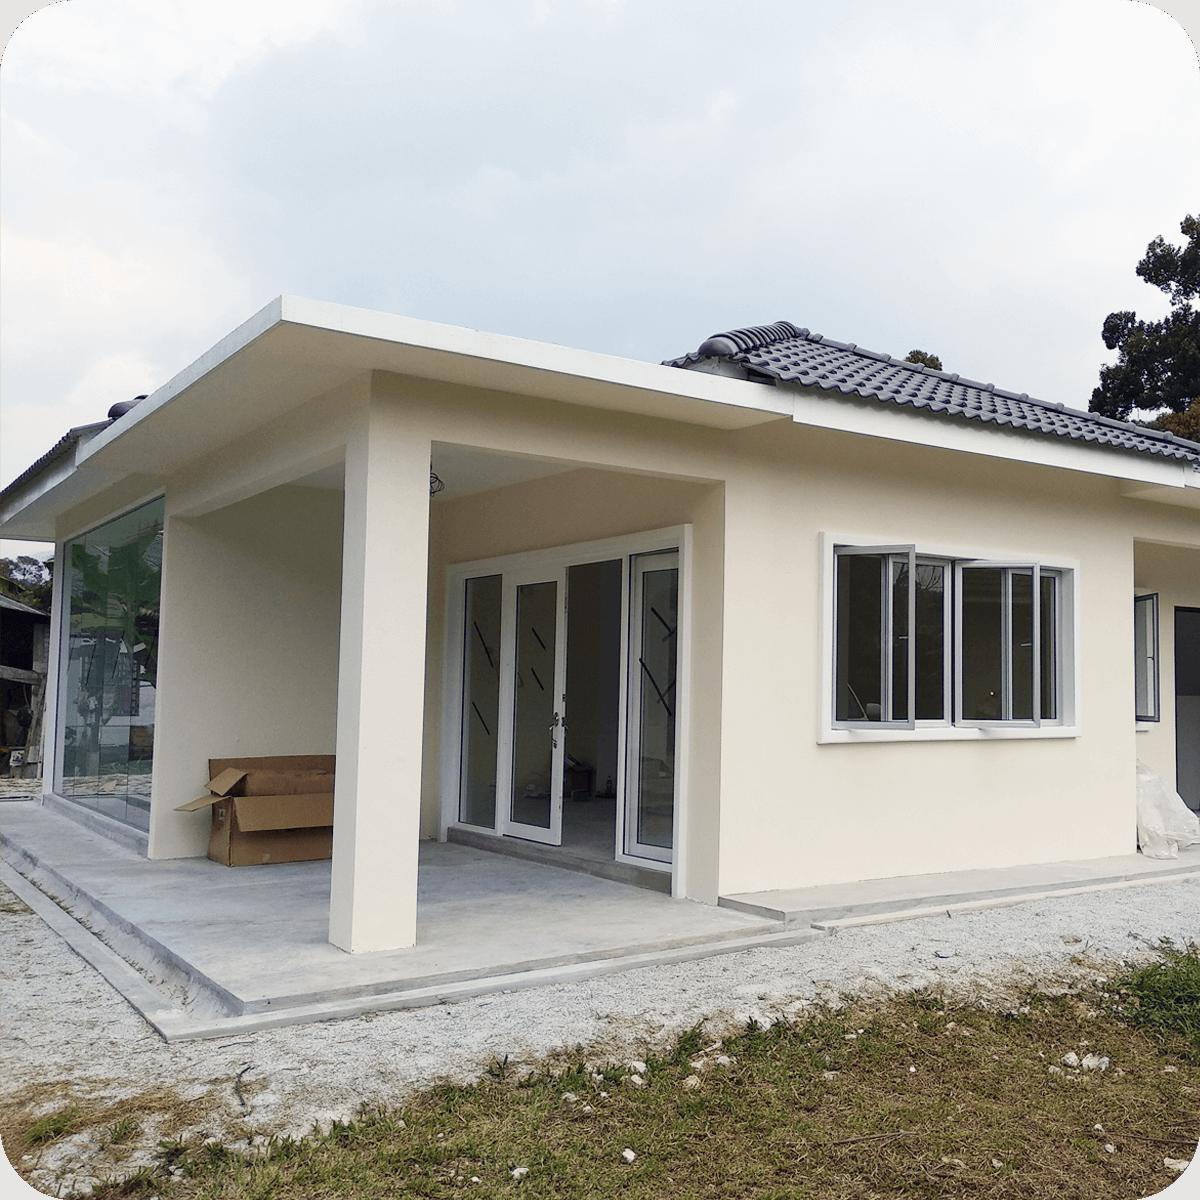 Rumah IBS | Kontraktor Bina Rumah IBS (LPPSA, KWSP & Tunai) 16